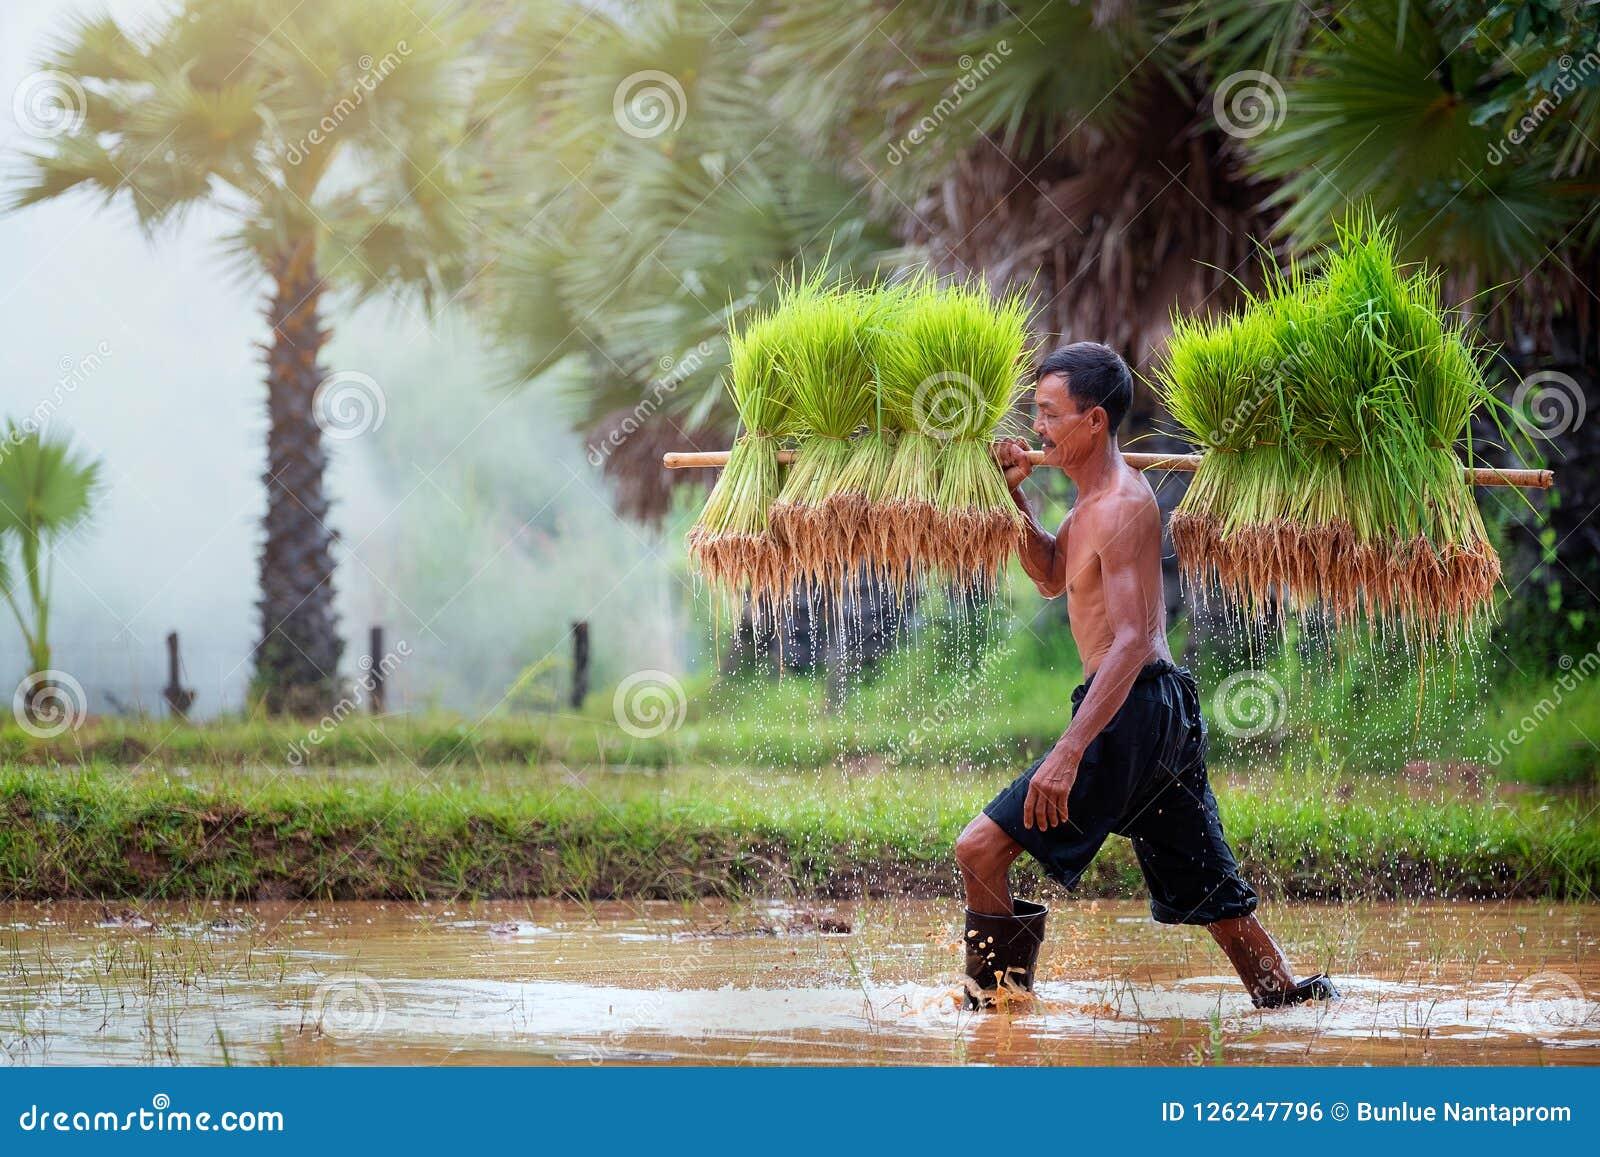 Styl życia Azji Południowo Wschodniej ludzie w śródpolnej wsi Tha